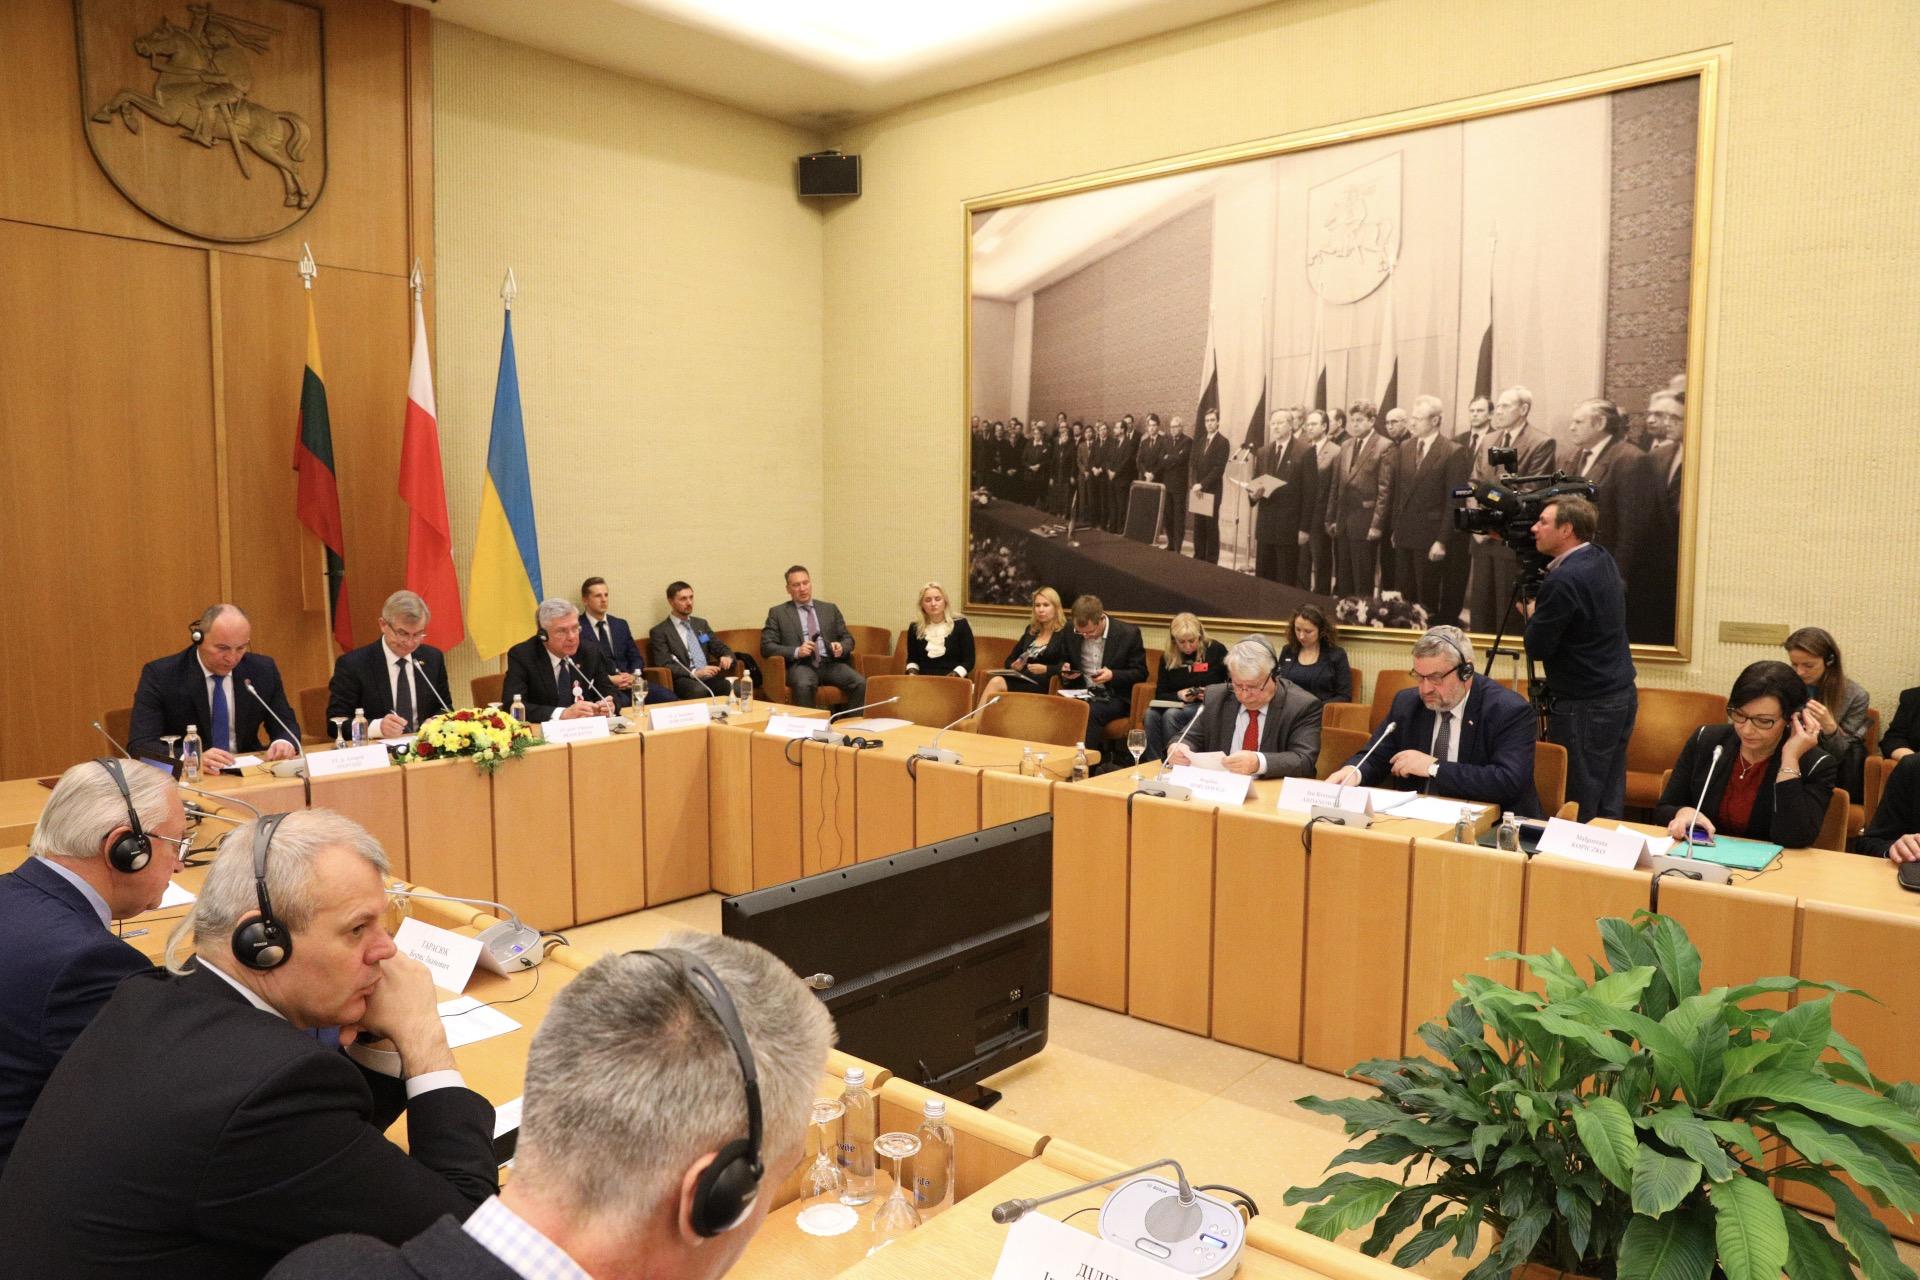 IX sesja Zgromadzenia Parlamentarnego Polski, Litwy i Ukrainy